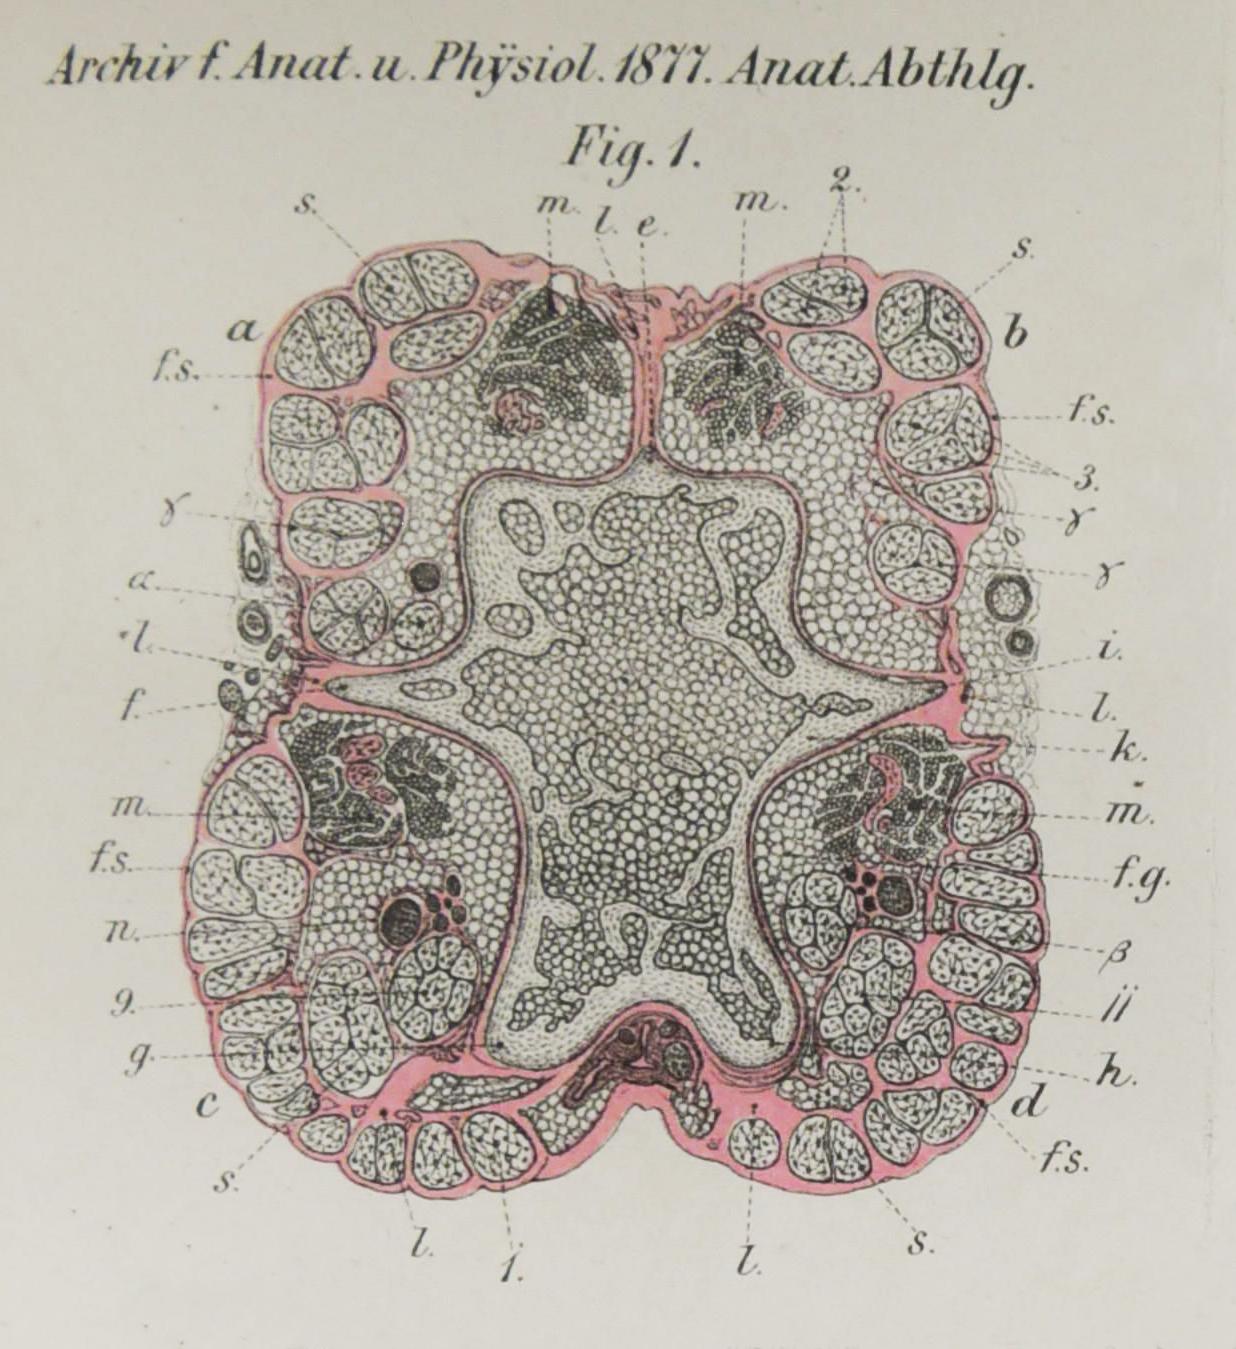 Archiv für Anatomie und Physiologie 1877_Planche 2